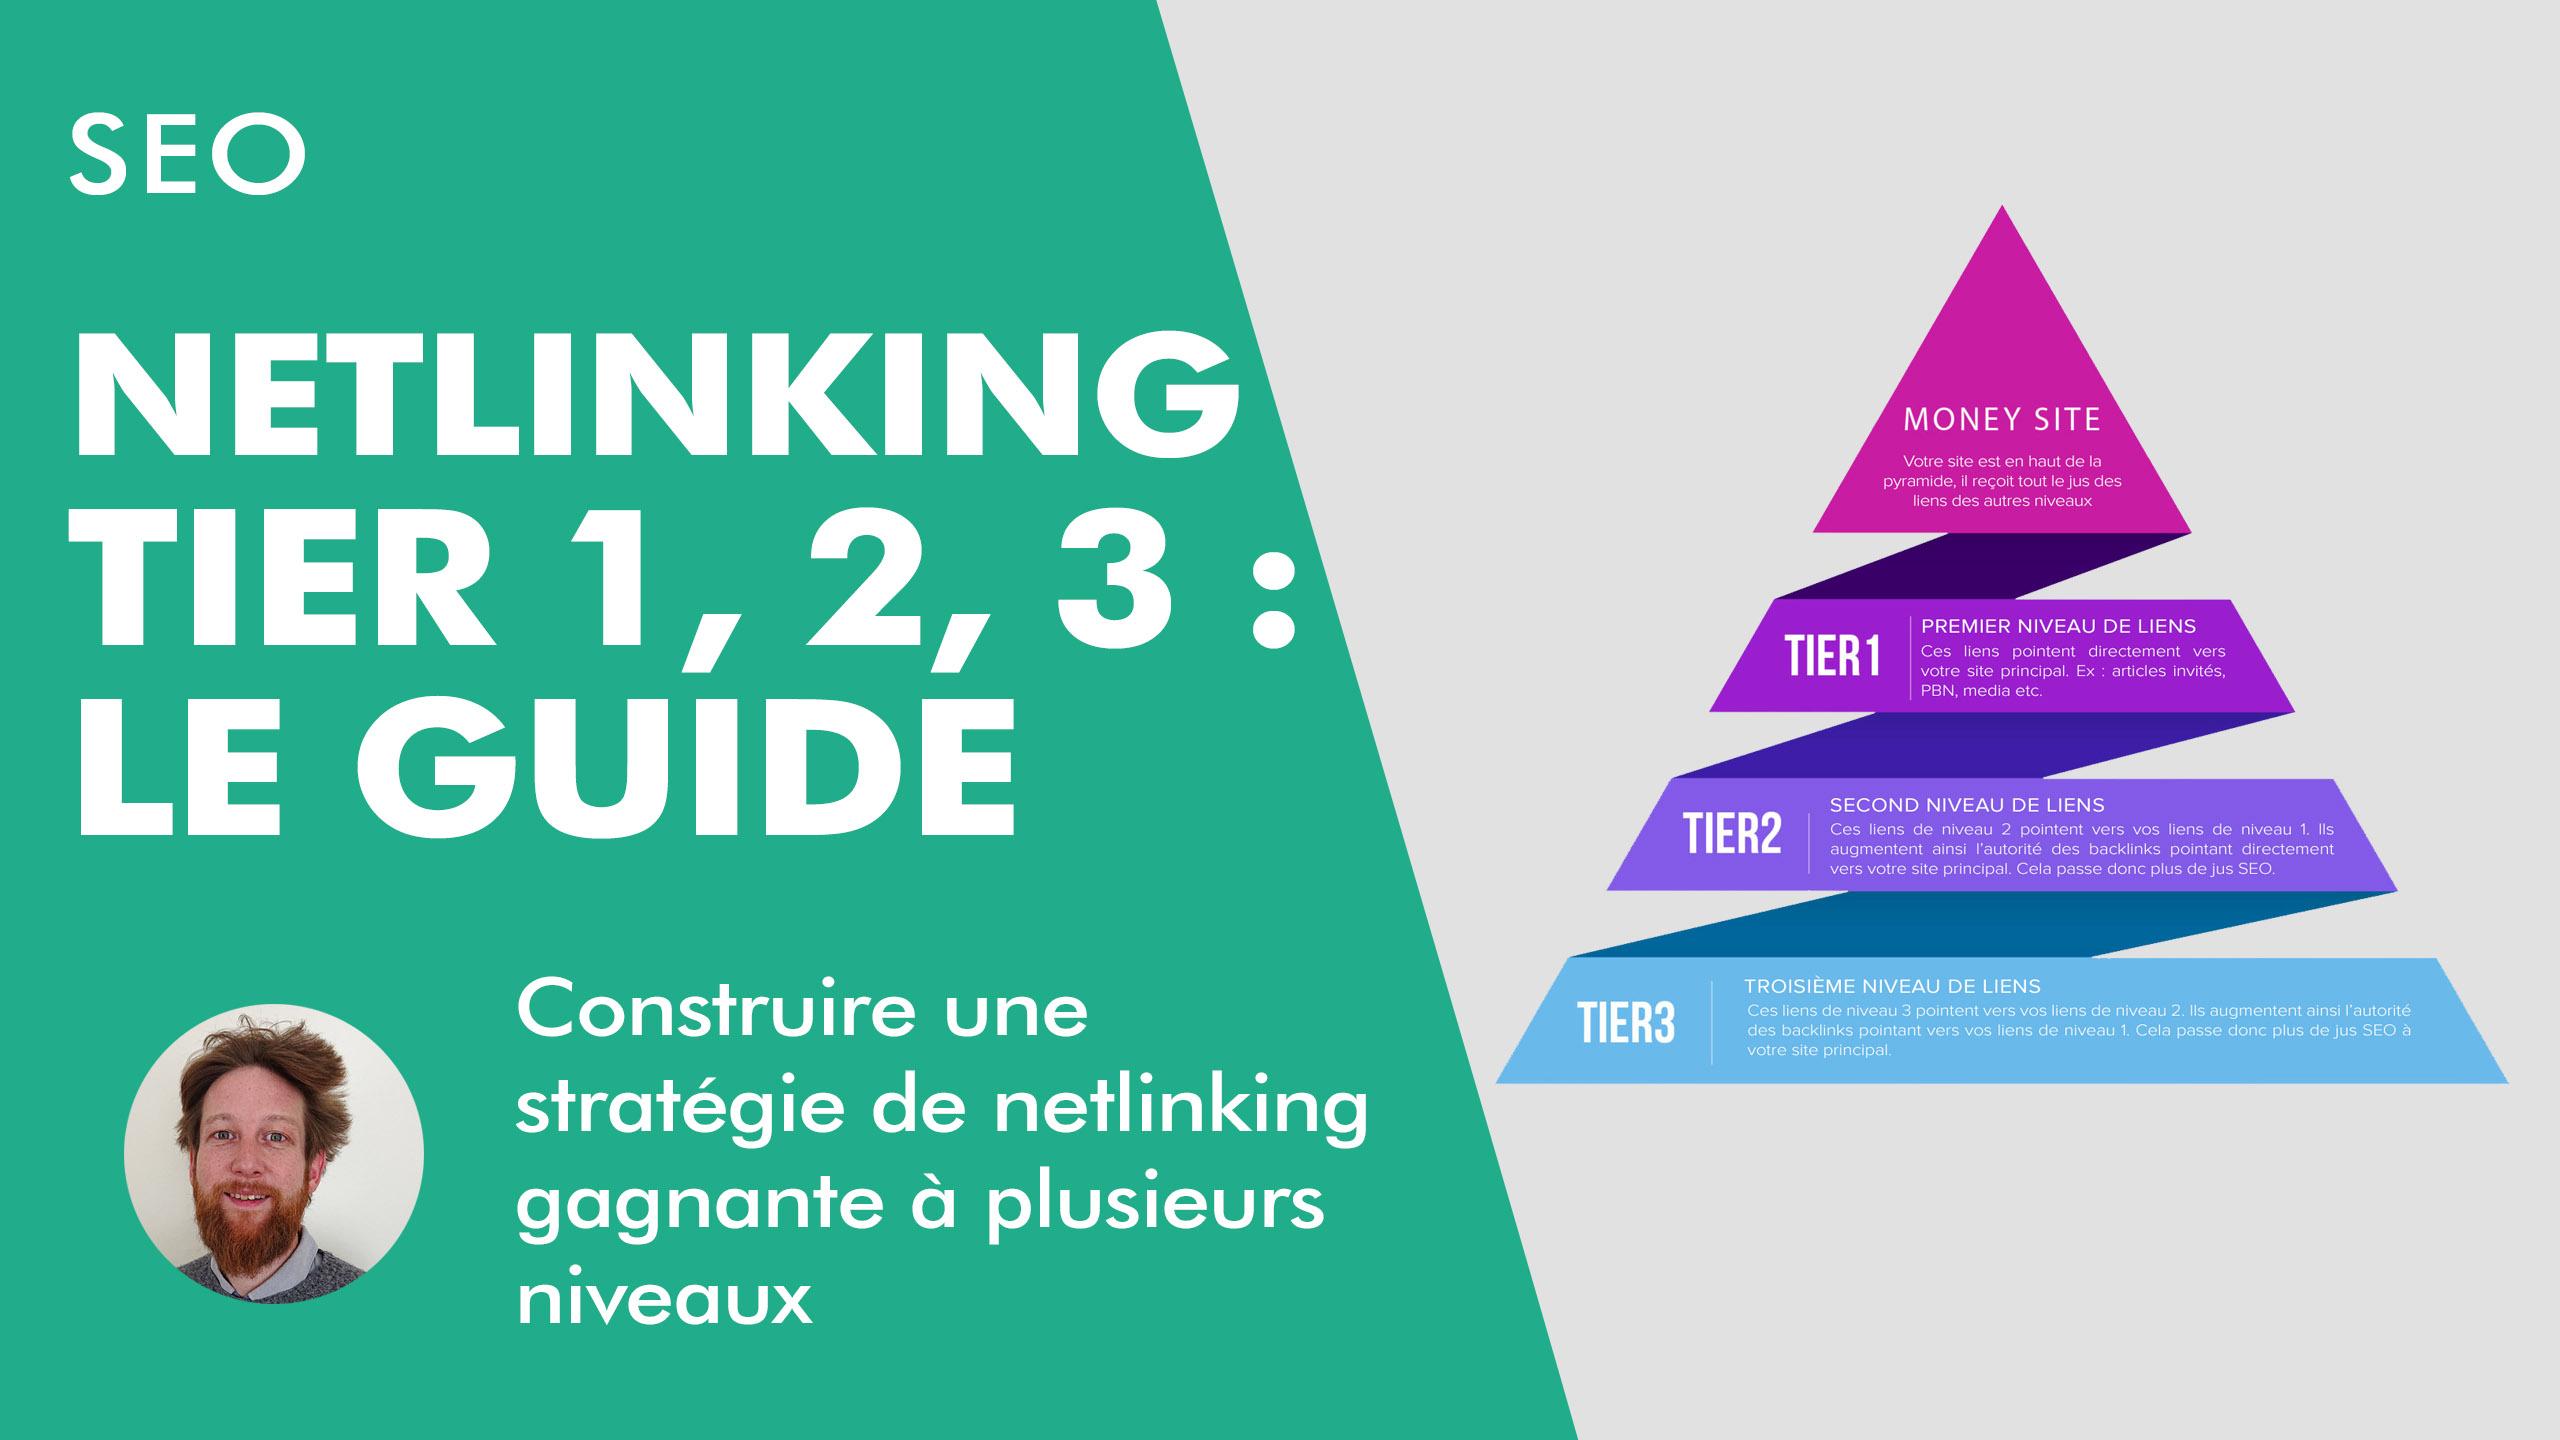 Netlinking tier 1, tier 2, tier 3 : construire une stratégie de netlinking gagnante avec des backlinks à plusieurs niveaux